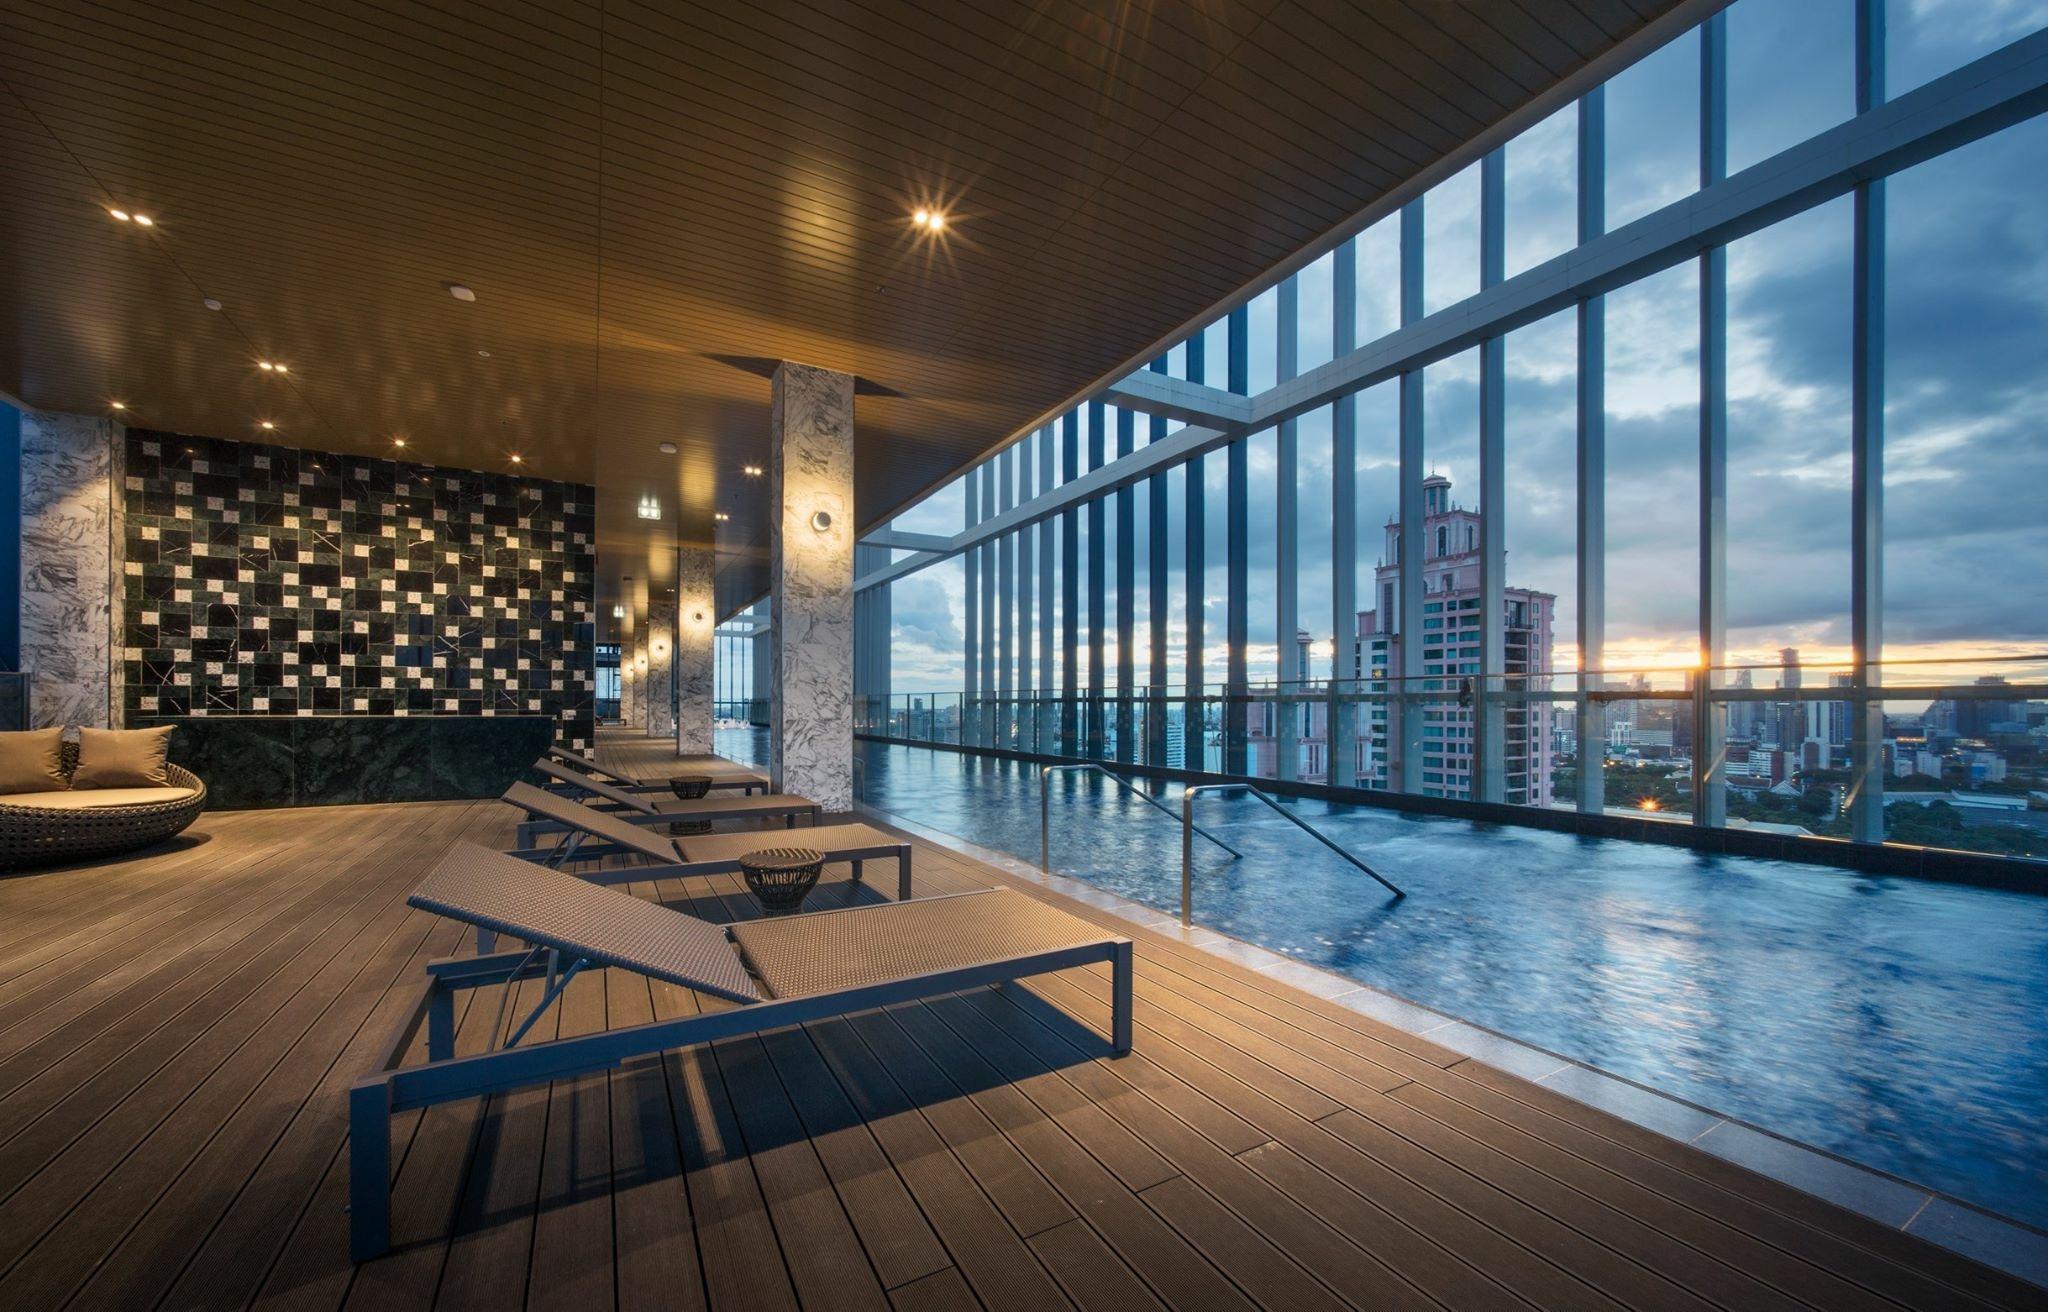 Sukhumvit 24 Cozy 1BR-A Huge sky pool gym BTS WIFI อพาร์ตเมนต์ 1 ห้องนอน 1 ห้องน้ำส่วนตัว ขนาด 45 ตร.ม. – สุขุมวิท